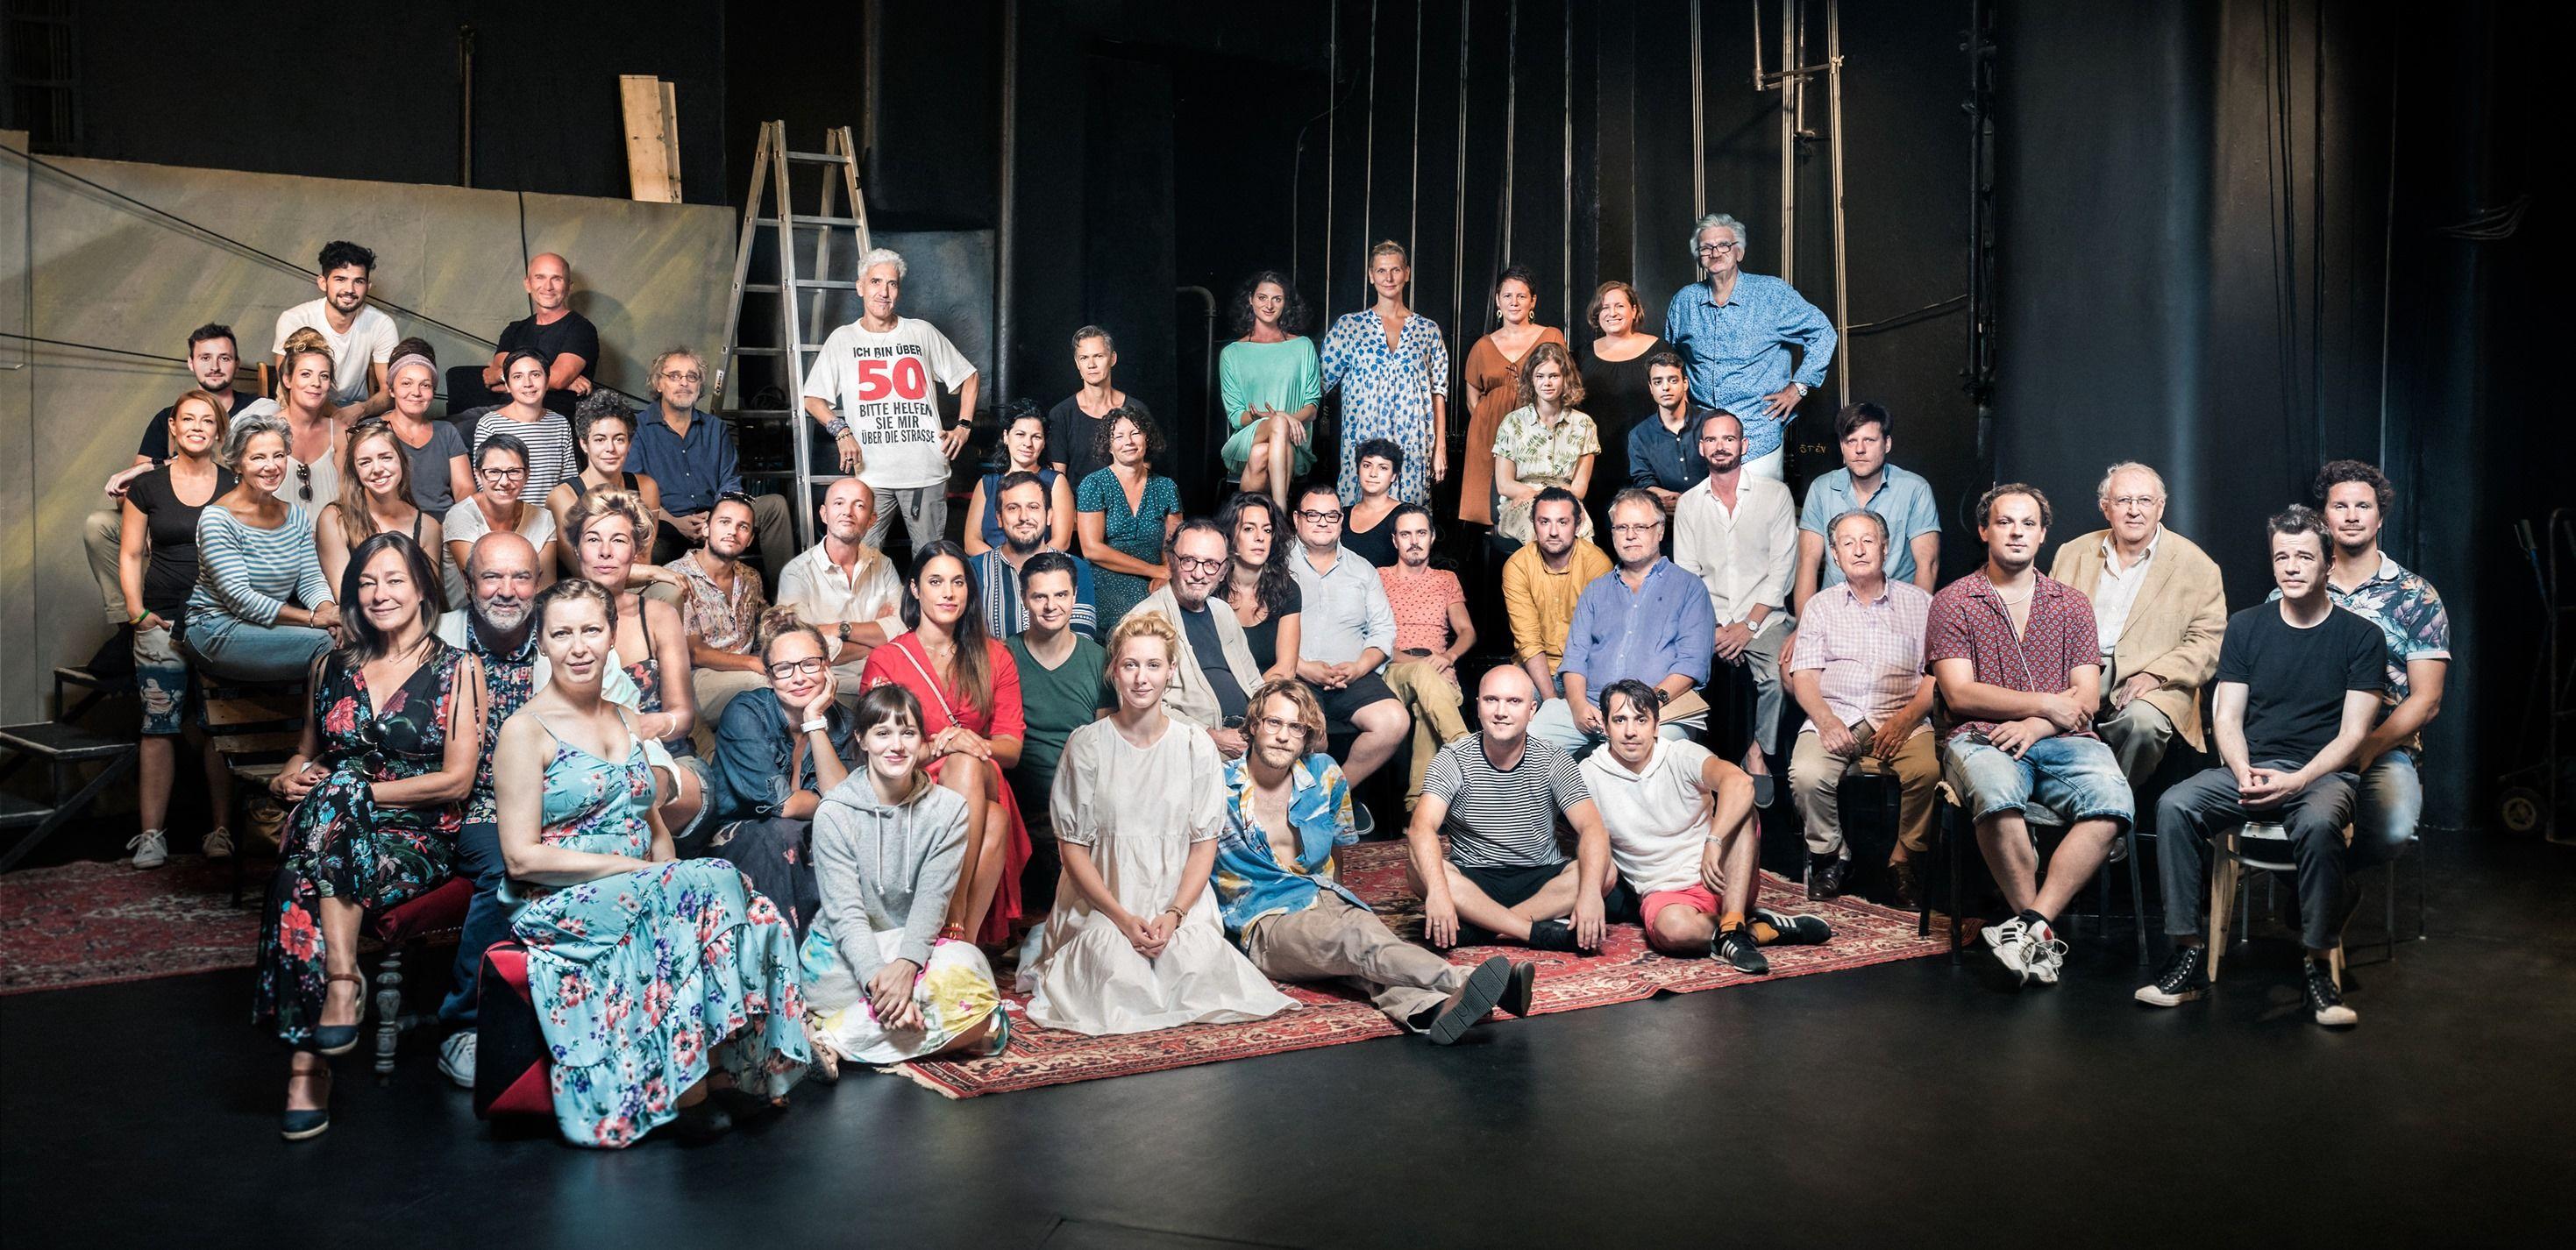 A Katona József Színház társulata (Fotó: Daniel Dömölky Photography / Katona József Színház Facebook)